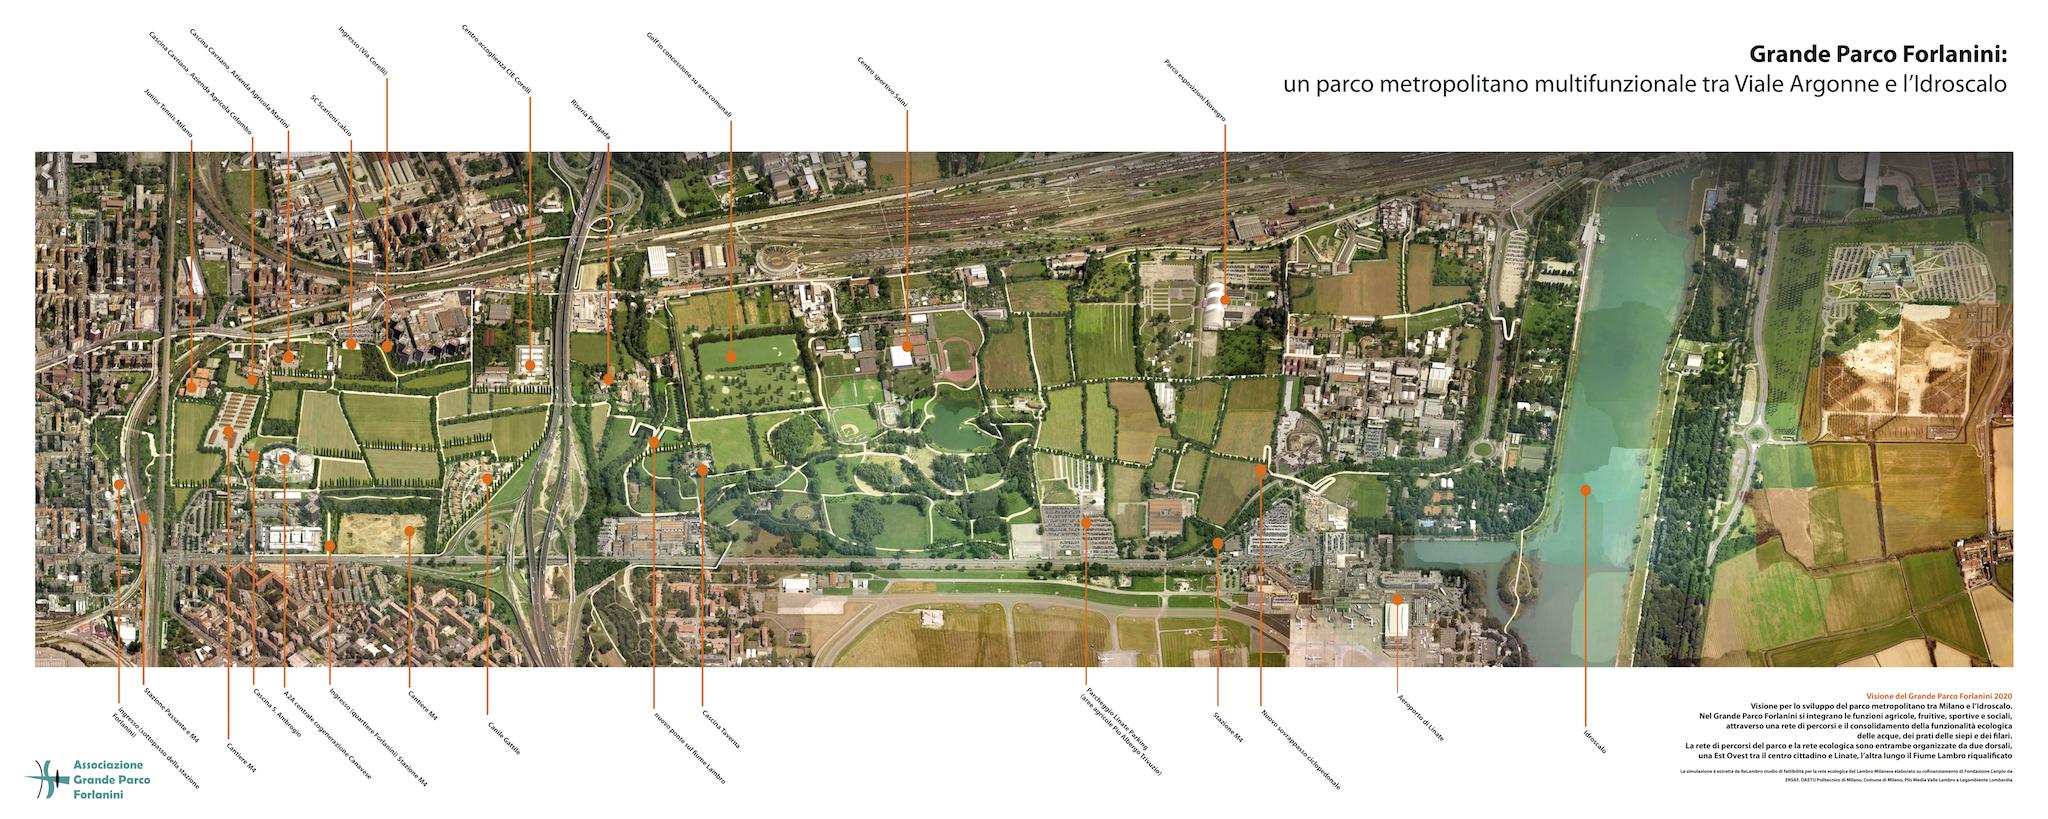 Una tavola tecnica del masterplan del Comune di Milano che mette in evidenza il ruolo di cerniera tra la città e l'Idroscalo e con il corridoio ecologico del fiume Lambro